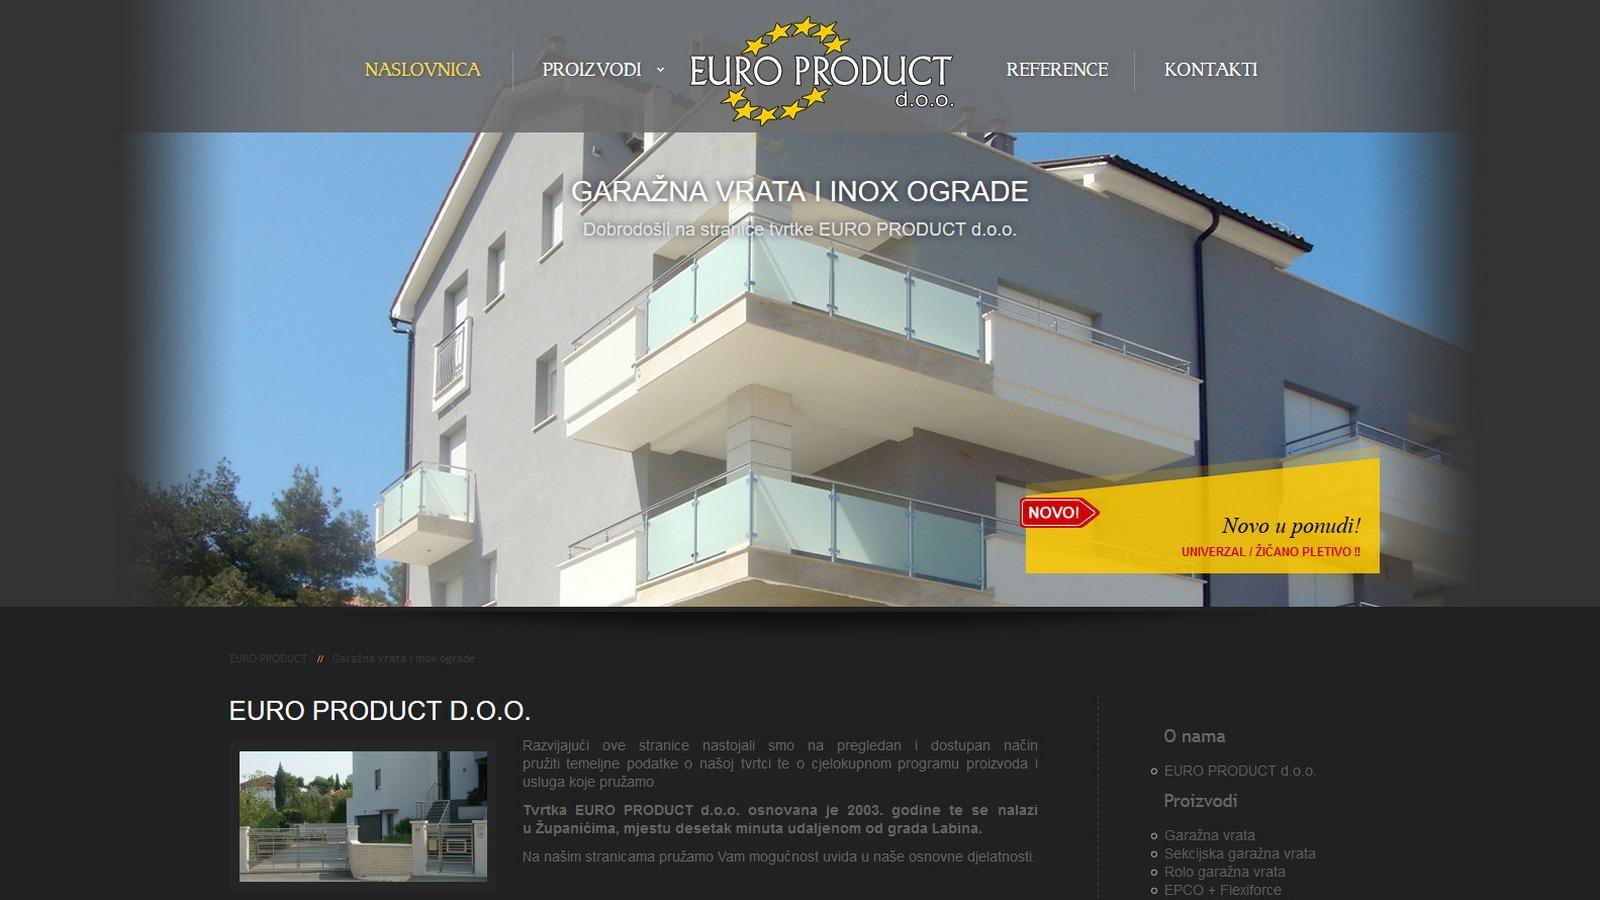 Euro product d.o.o.